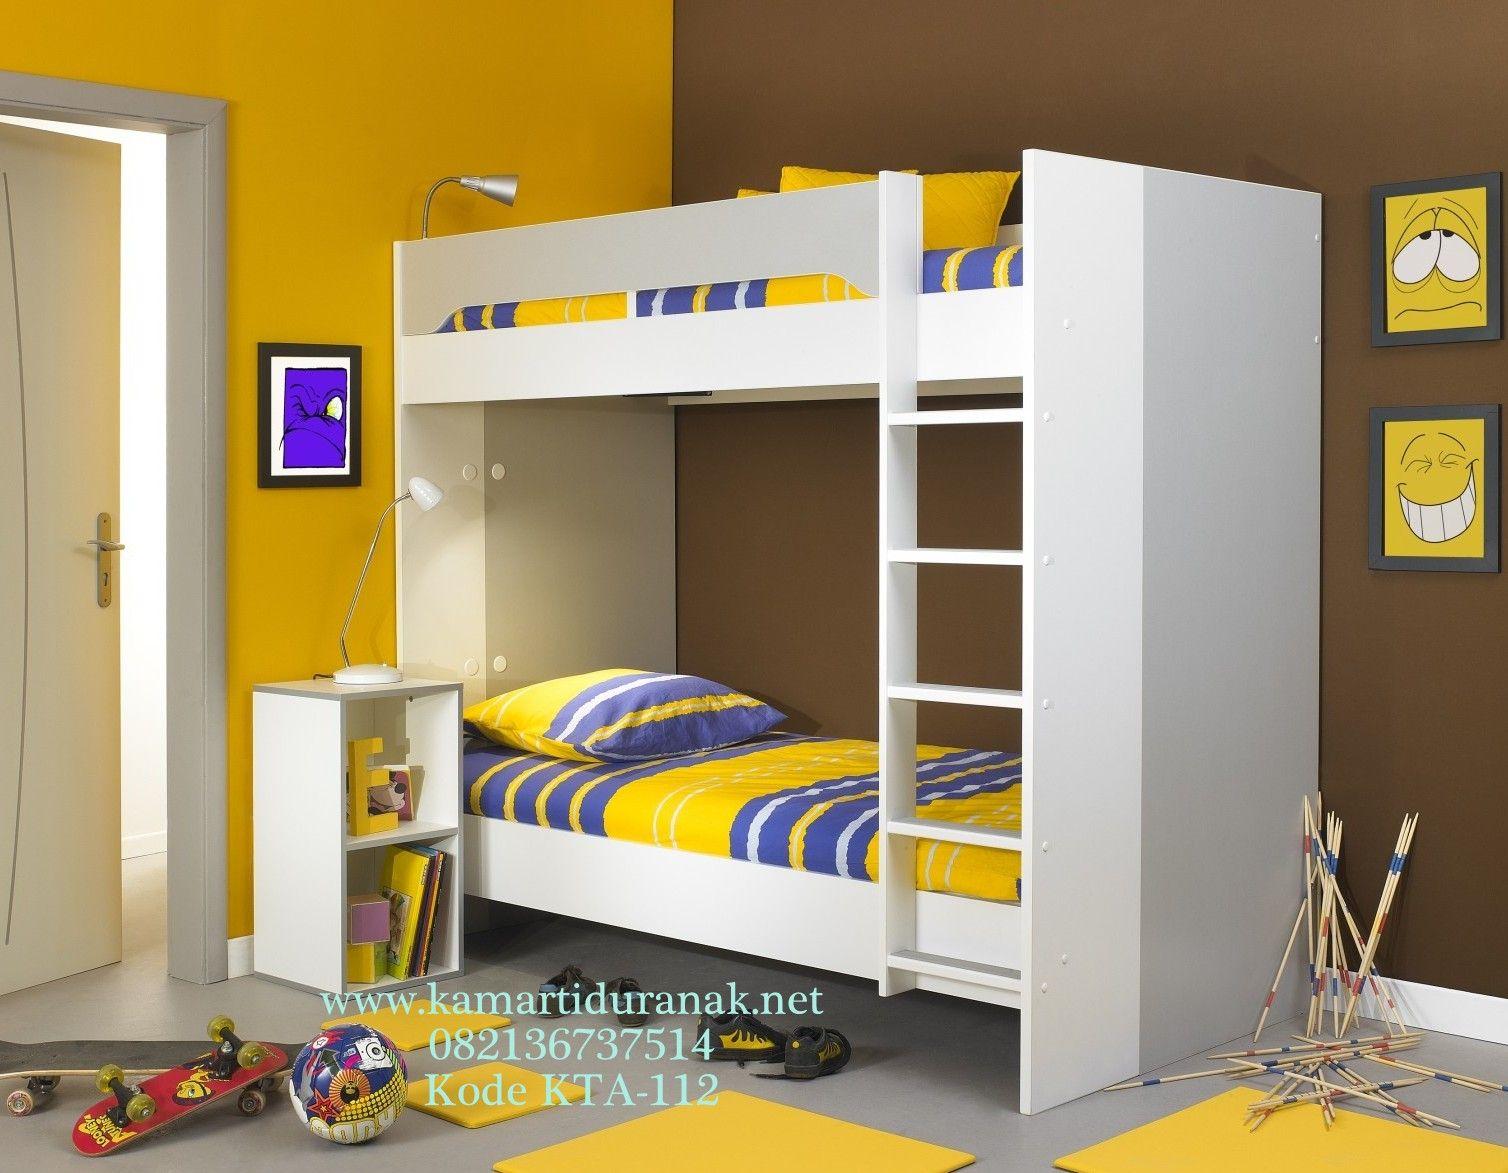 deshalb soll man sich fr etagenbetten im kinderzimmer entscheiden da sie sehr platzsparend wirken dessen design findet jedes hochbett im kinderzimmer - Coolste Etagenbetten